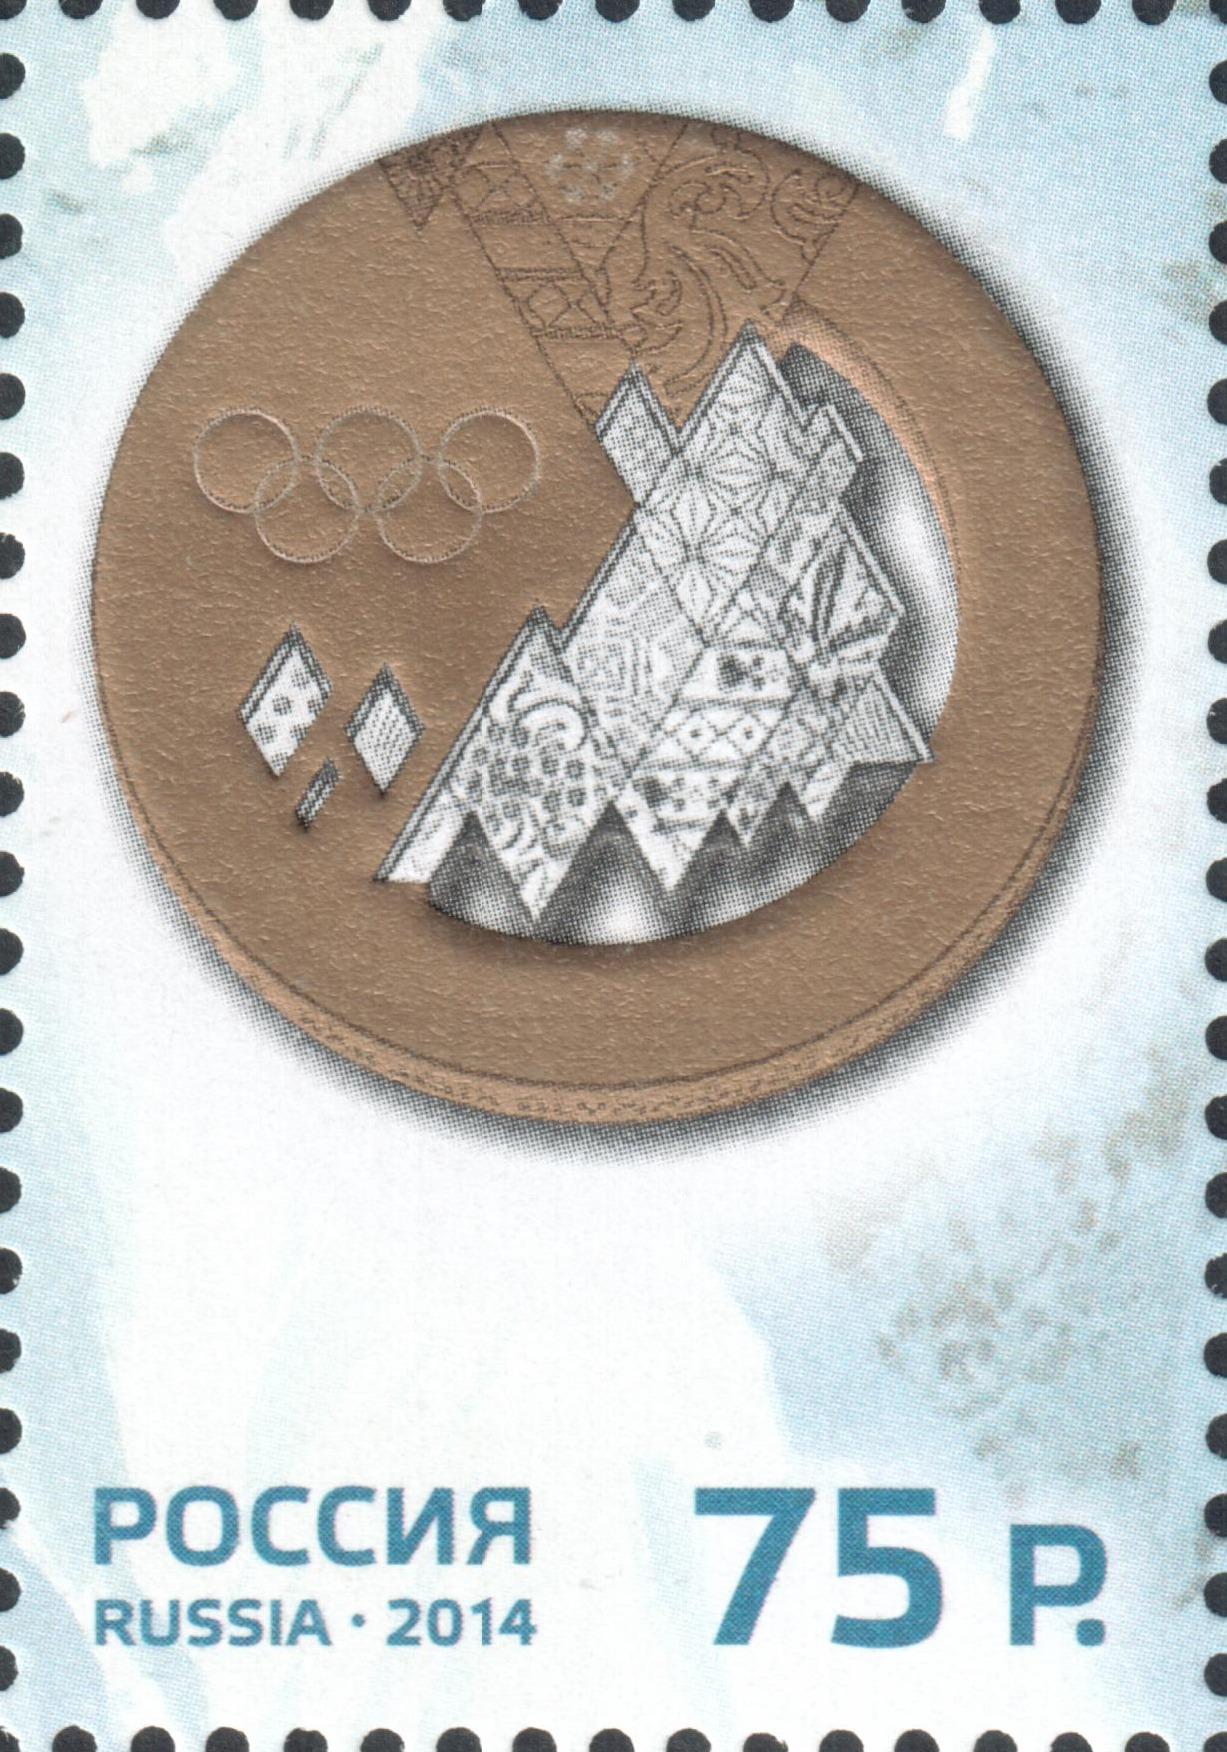 Золотая медаль XXII Олимпийских зимних игр